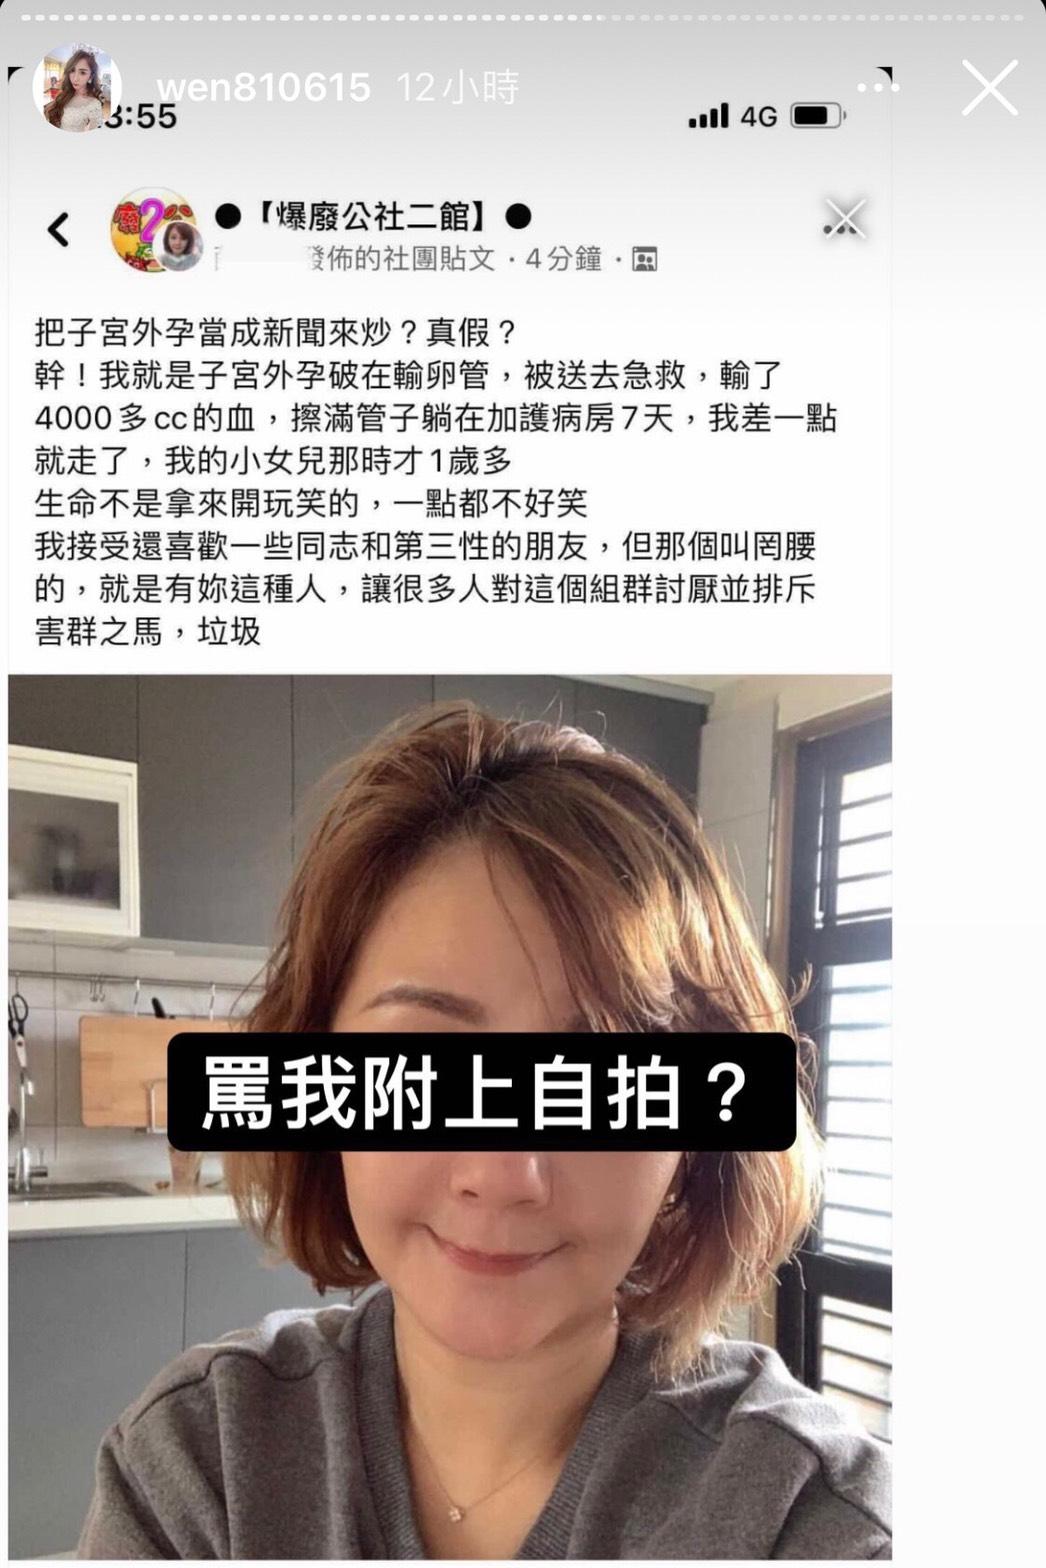 圖片來源/罔腰IG